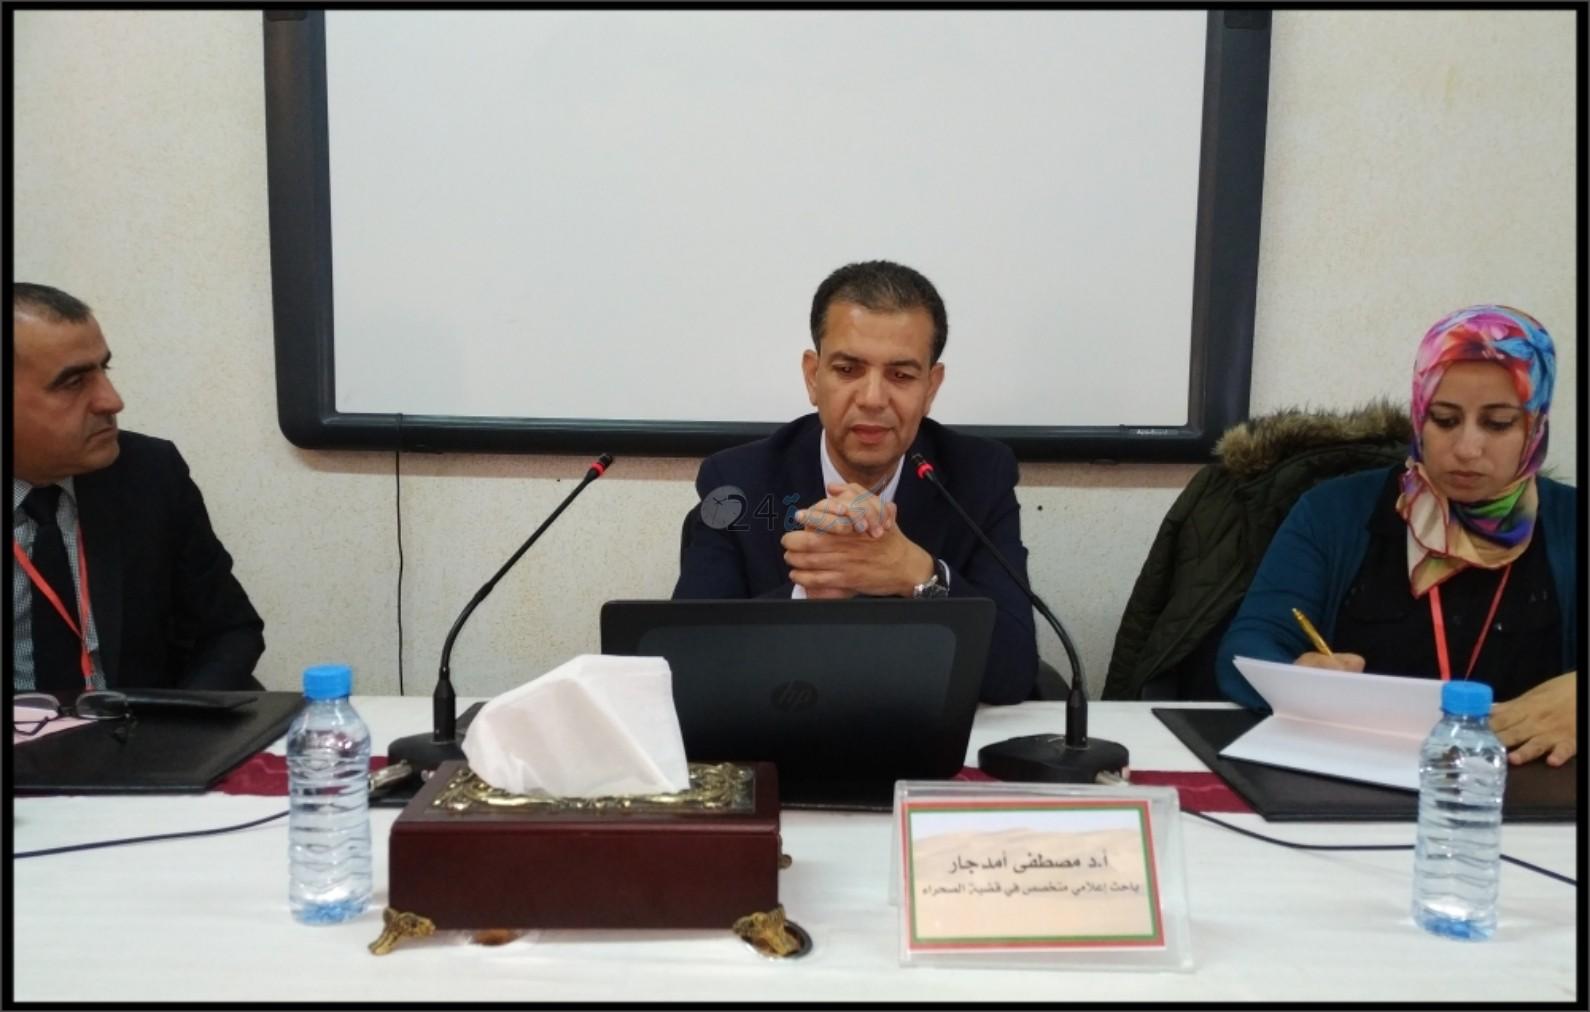 'الترافع الرقمي حول قضية الصحراء المغربية' موضوع  ورشة علمية بكلية الآداب بالجديدة